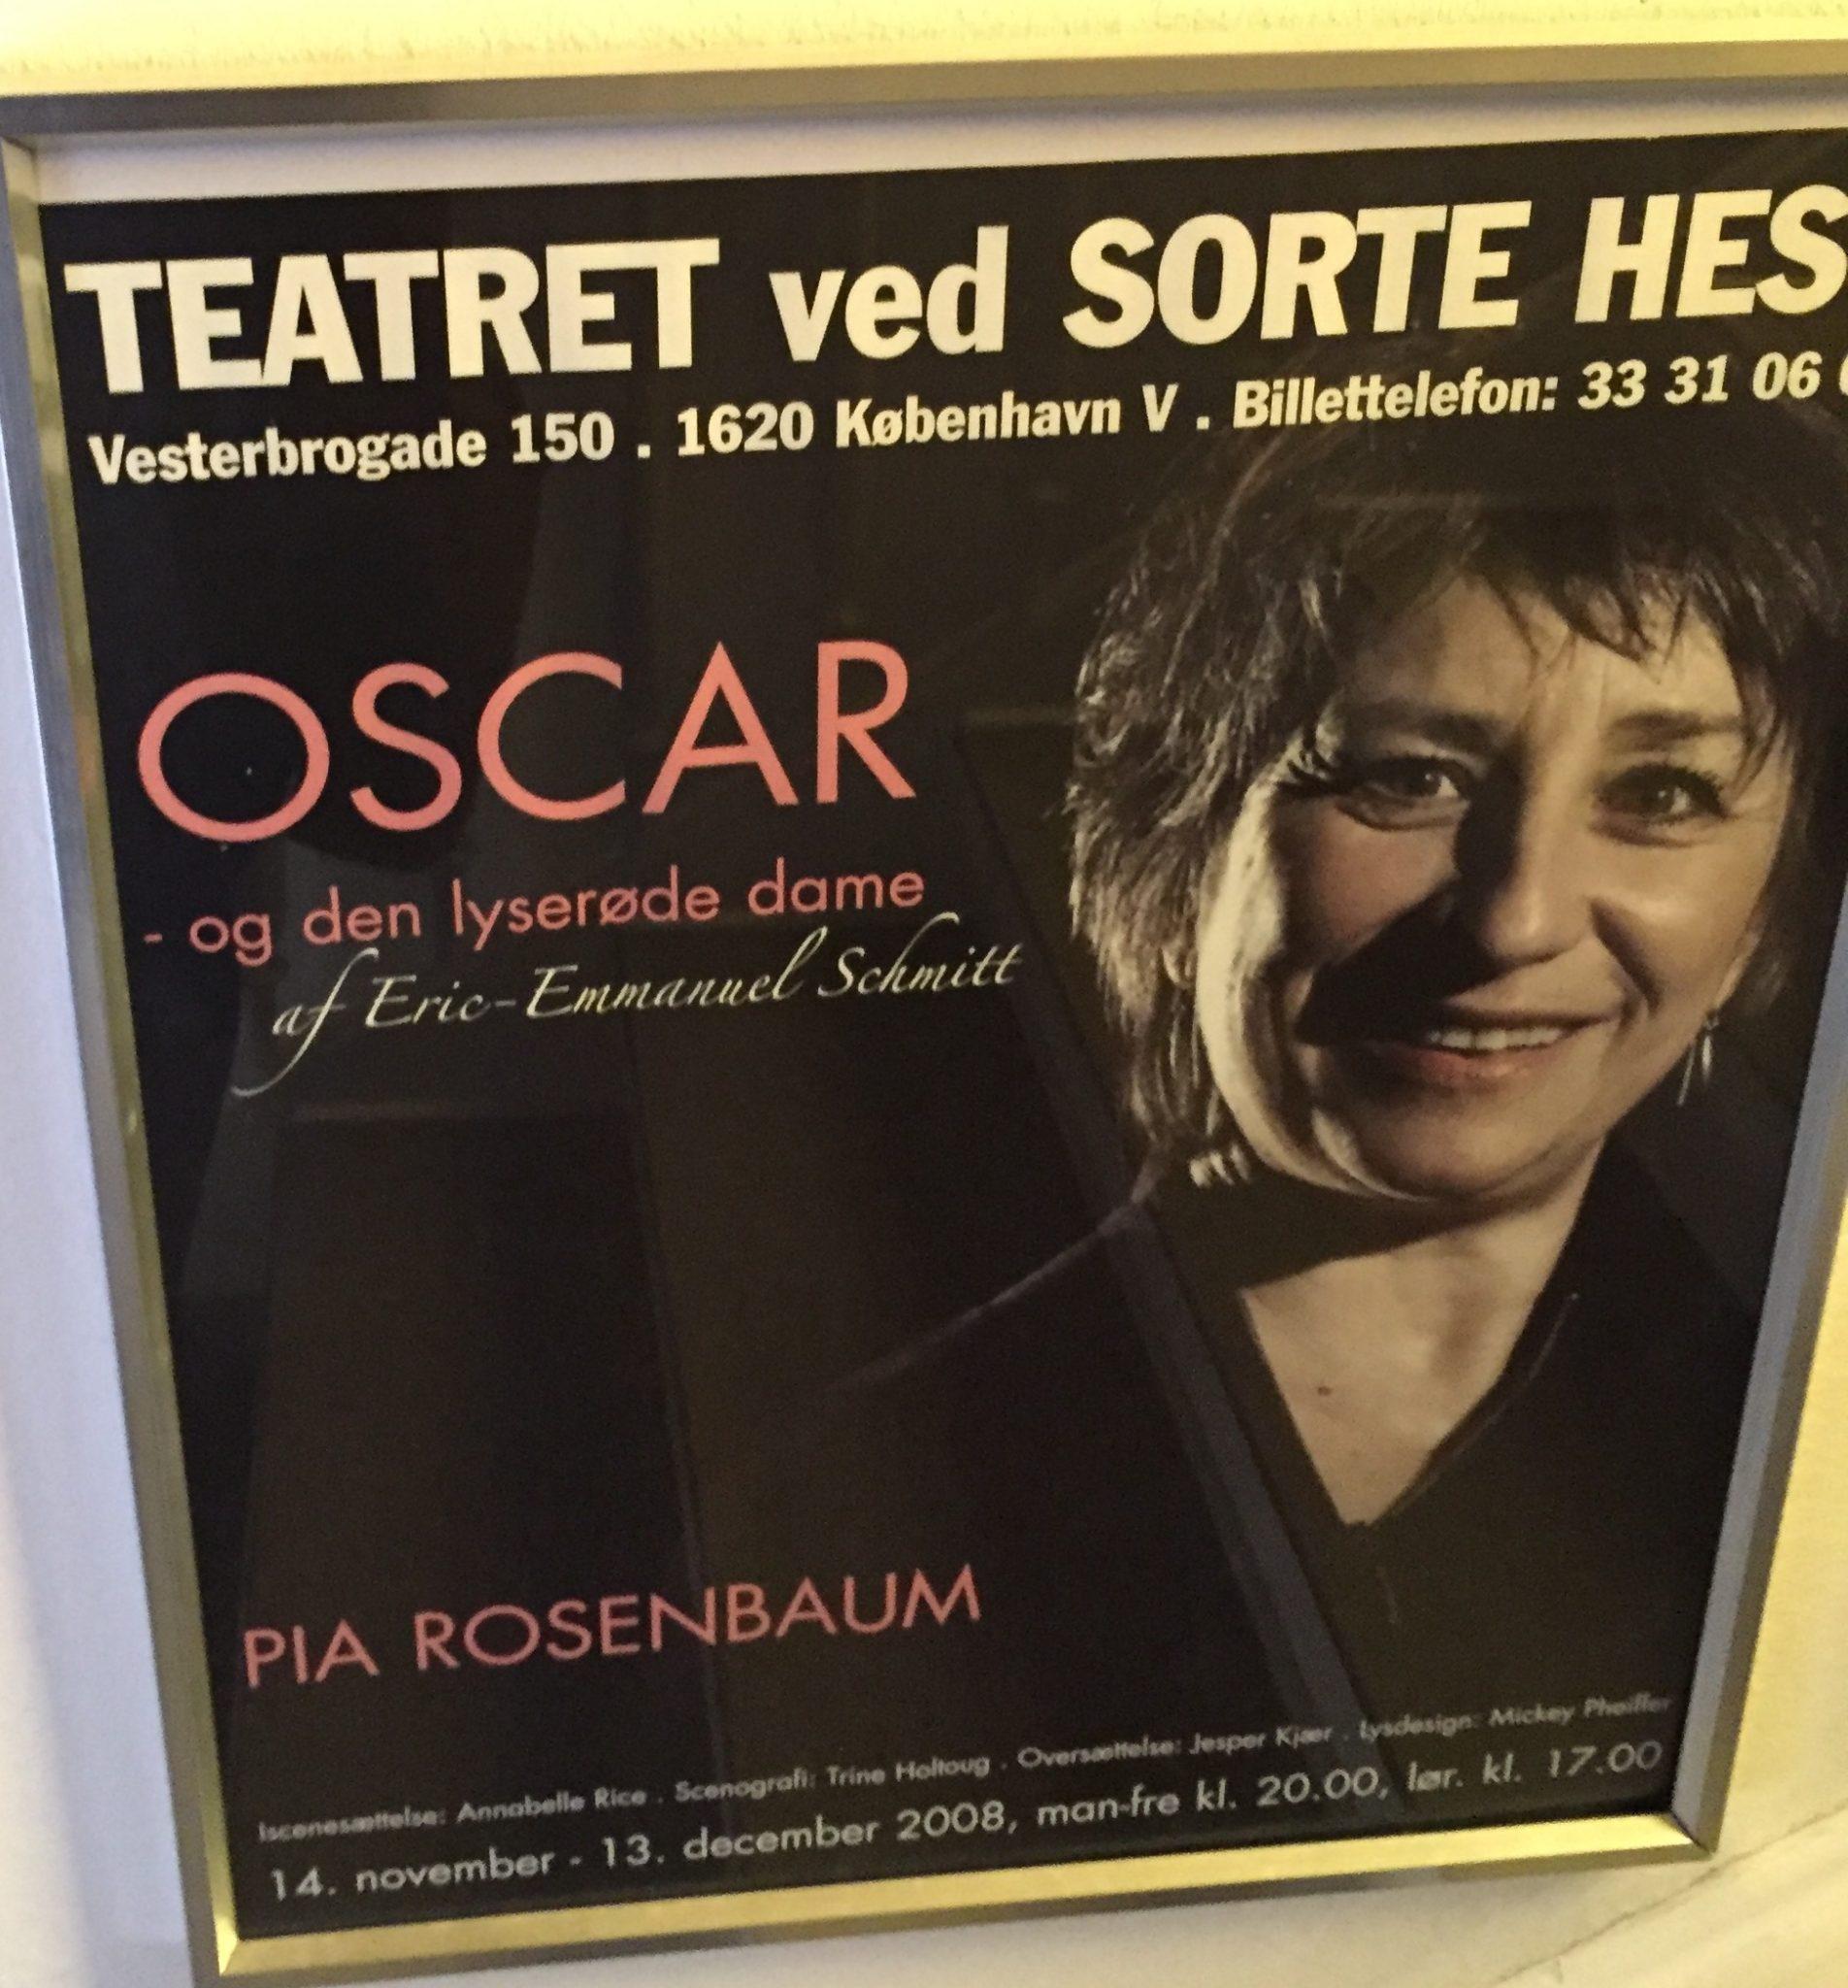 OSCAR – og den lyserøde dame 2008